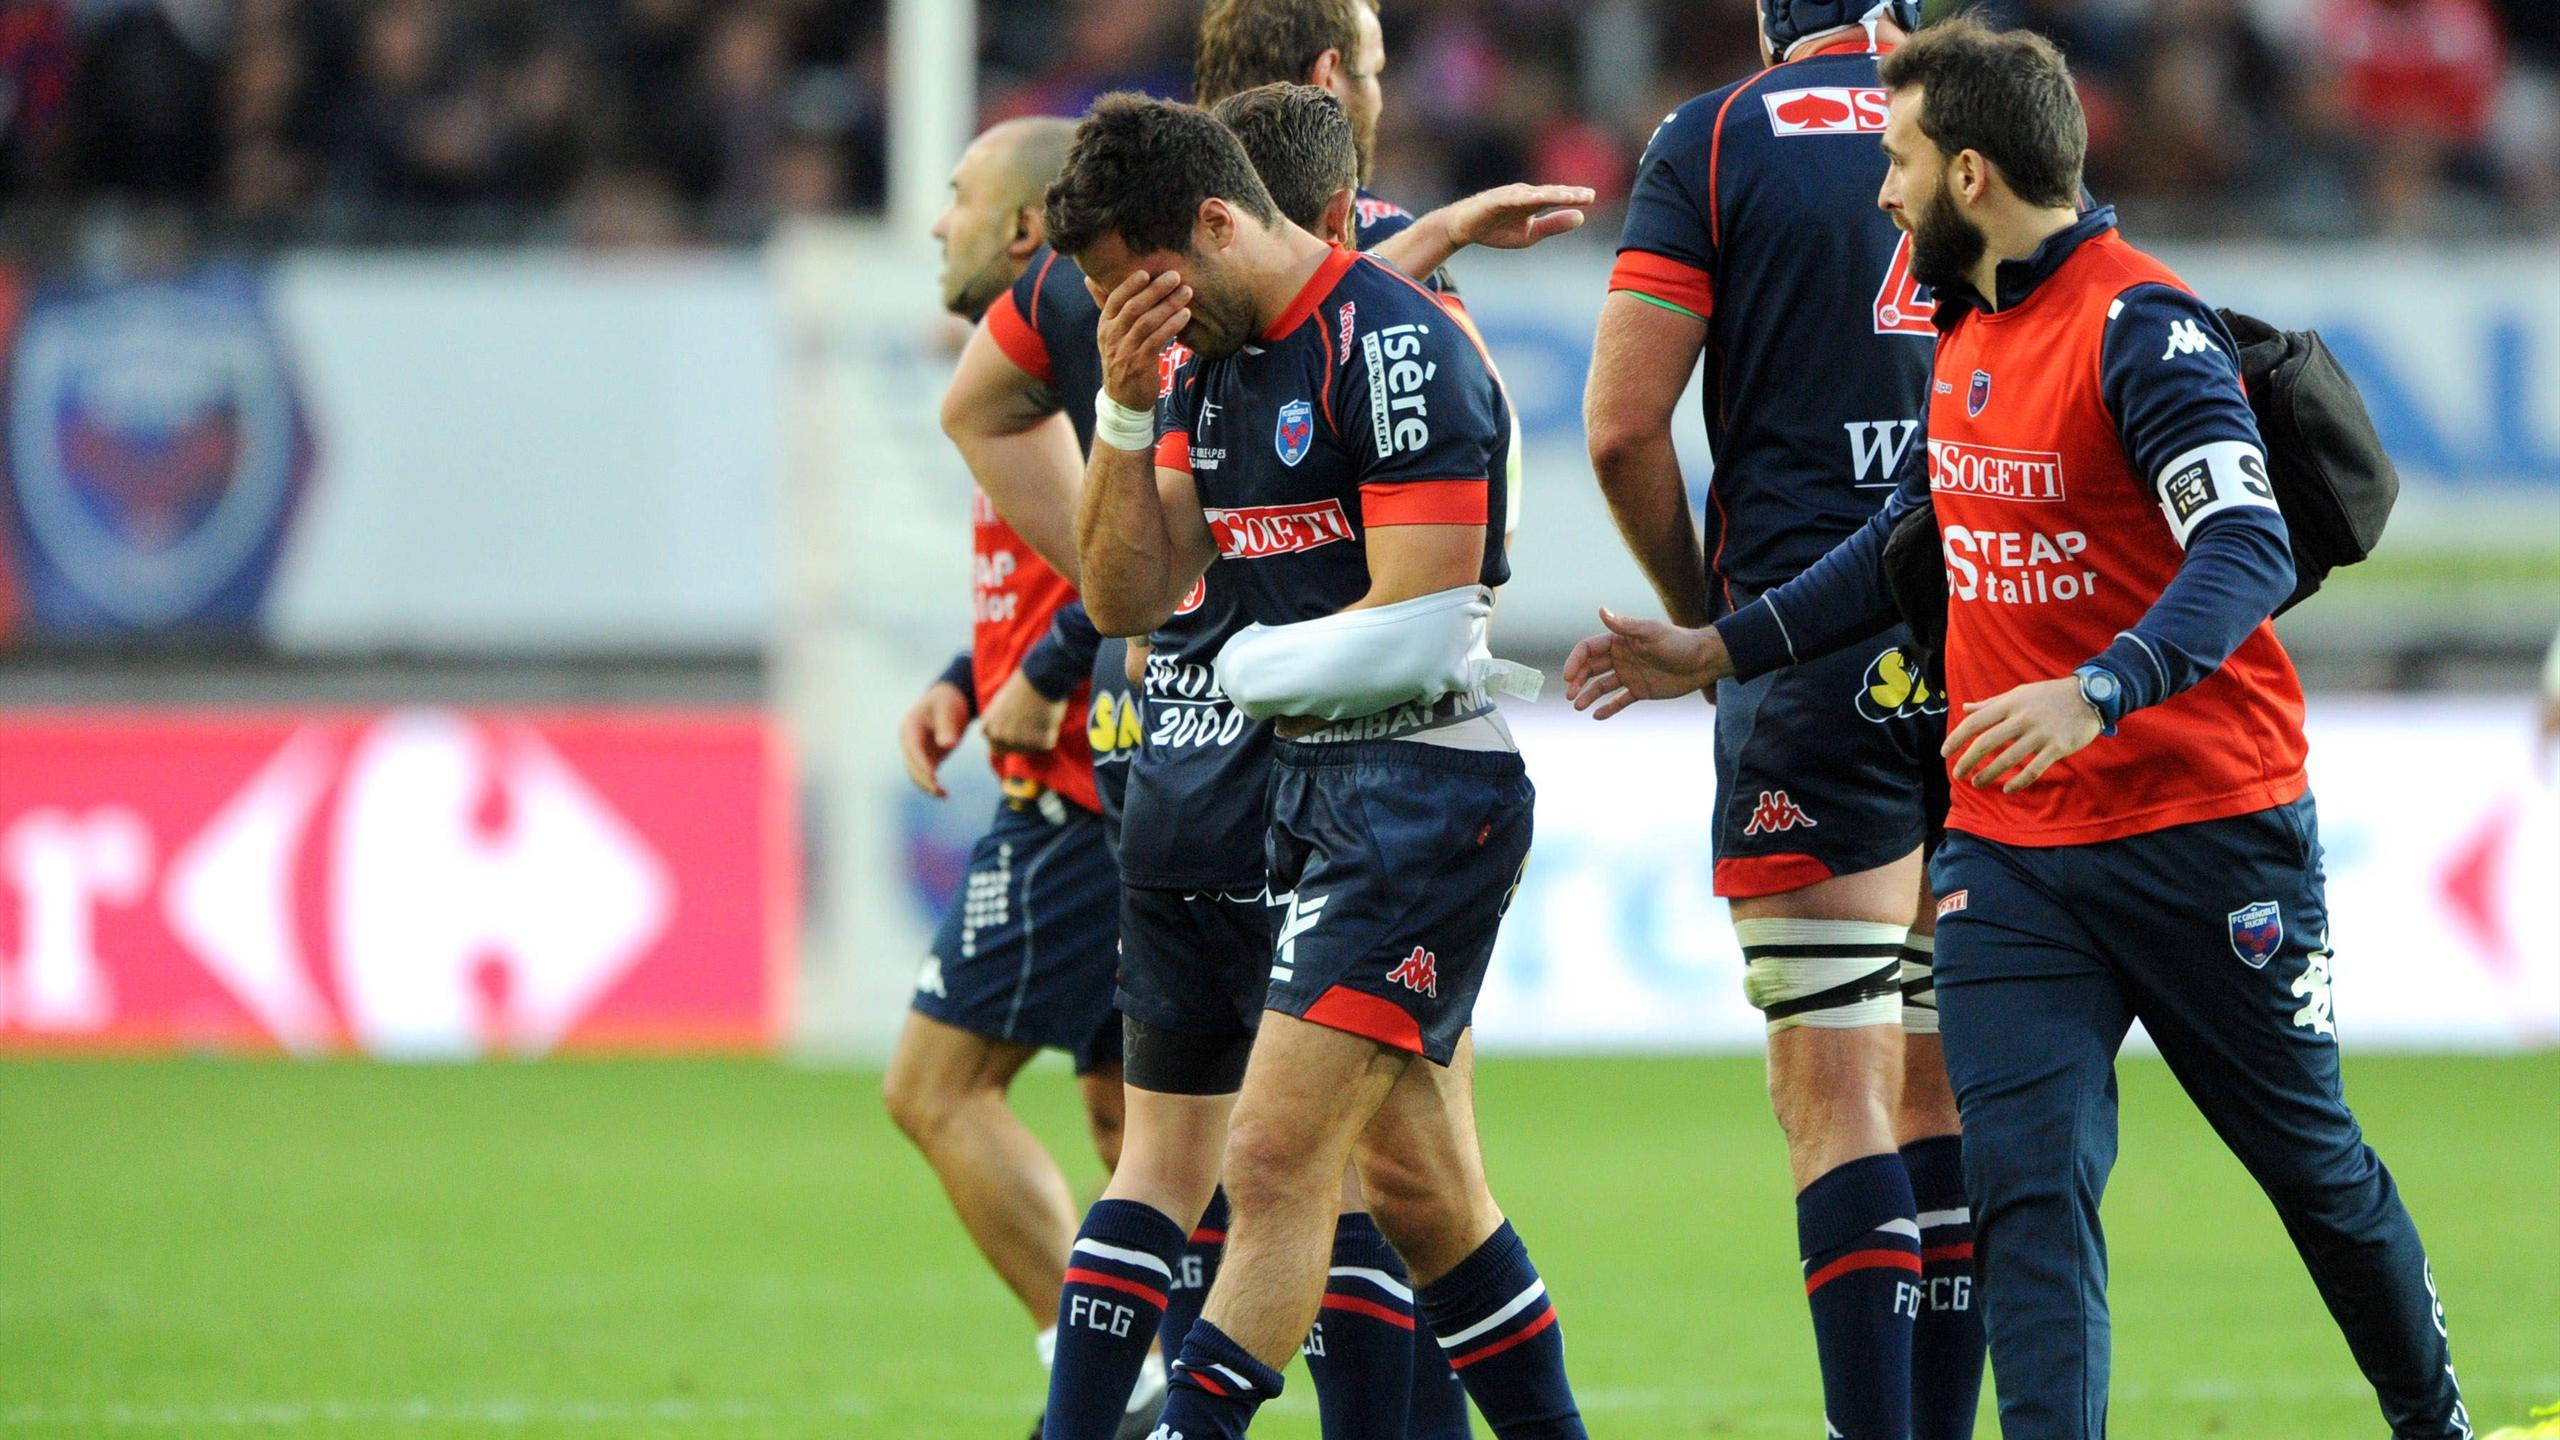 Lucas Dupont (Grenoble) sort blessé - 8 octobre 2016